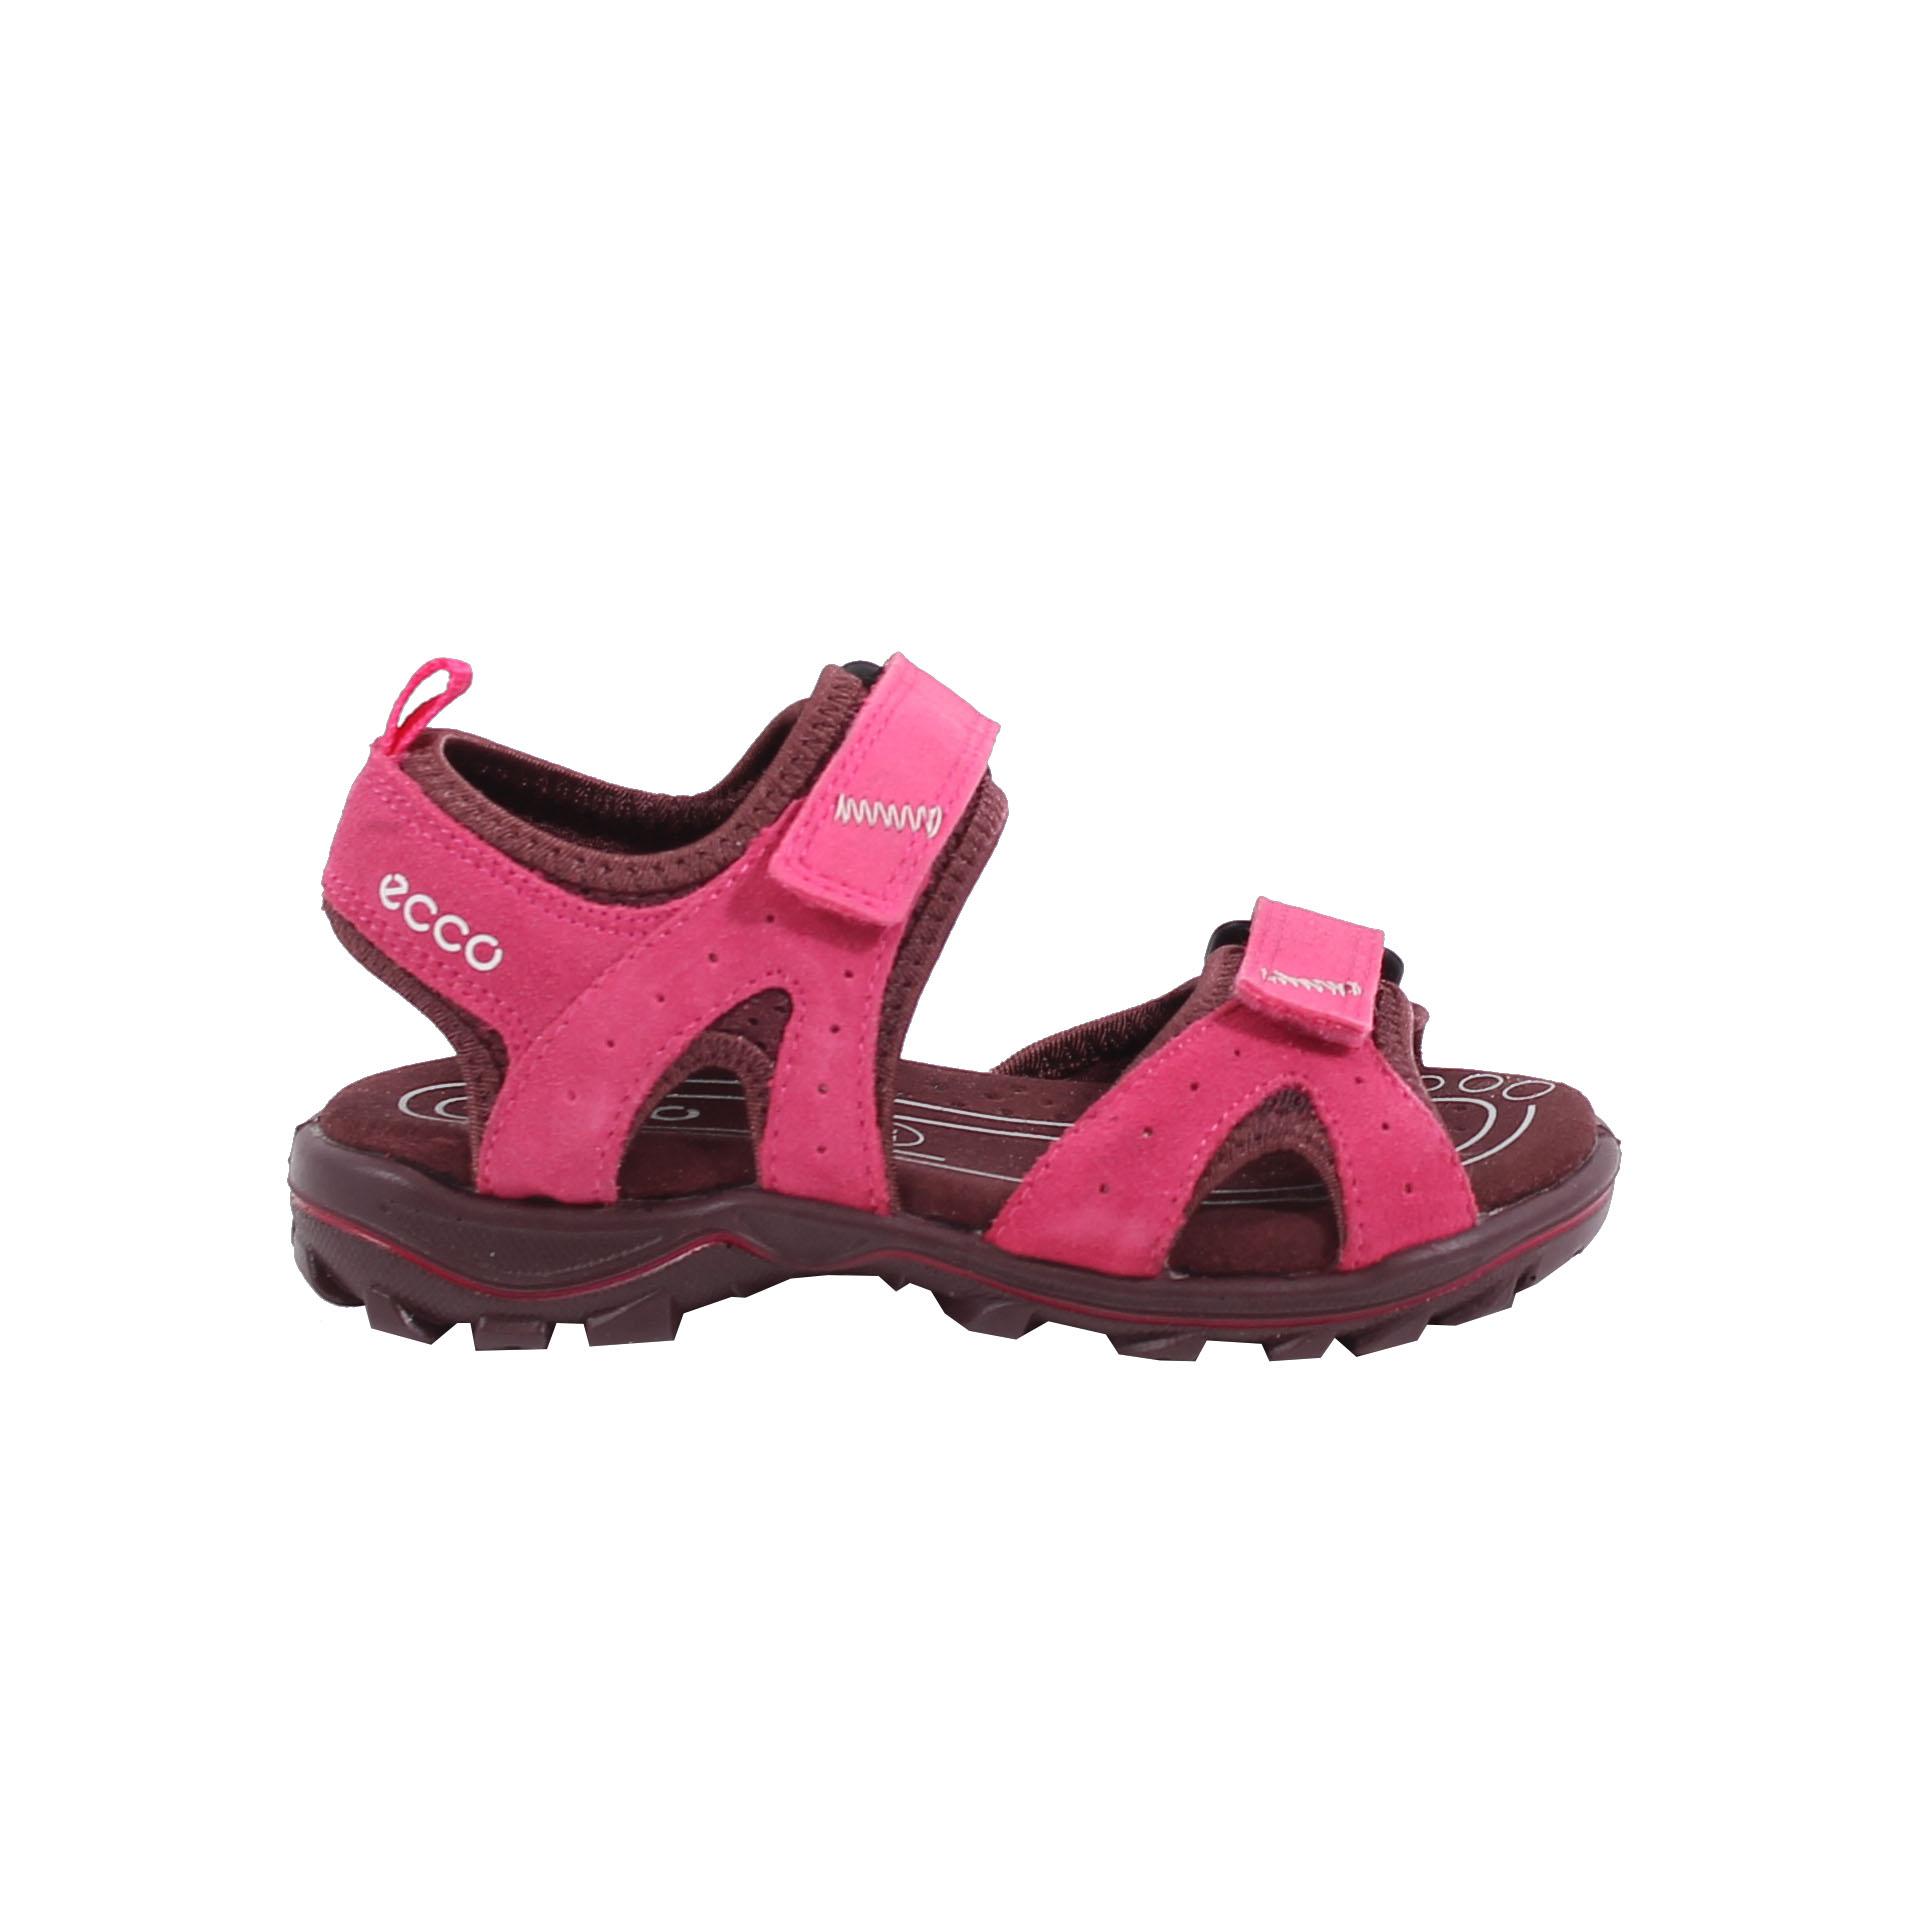 Ecco детские сандалии - Euroskor b665191f1c33c